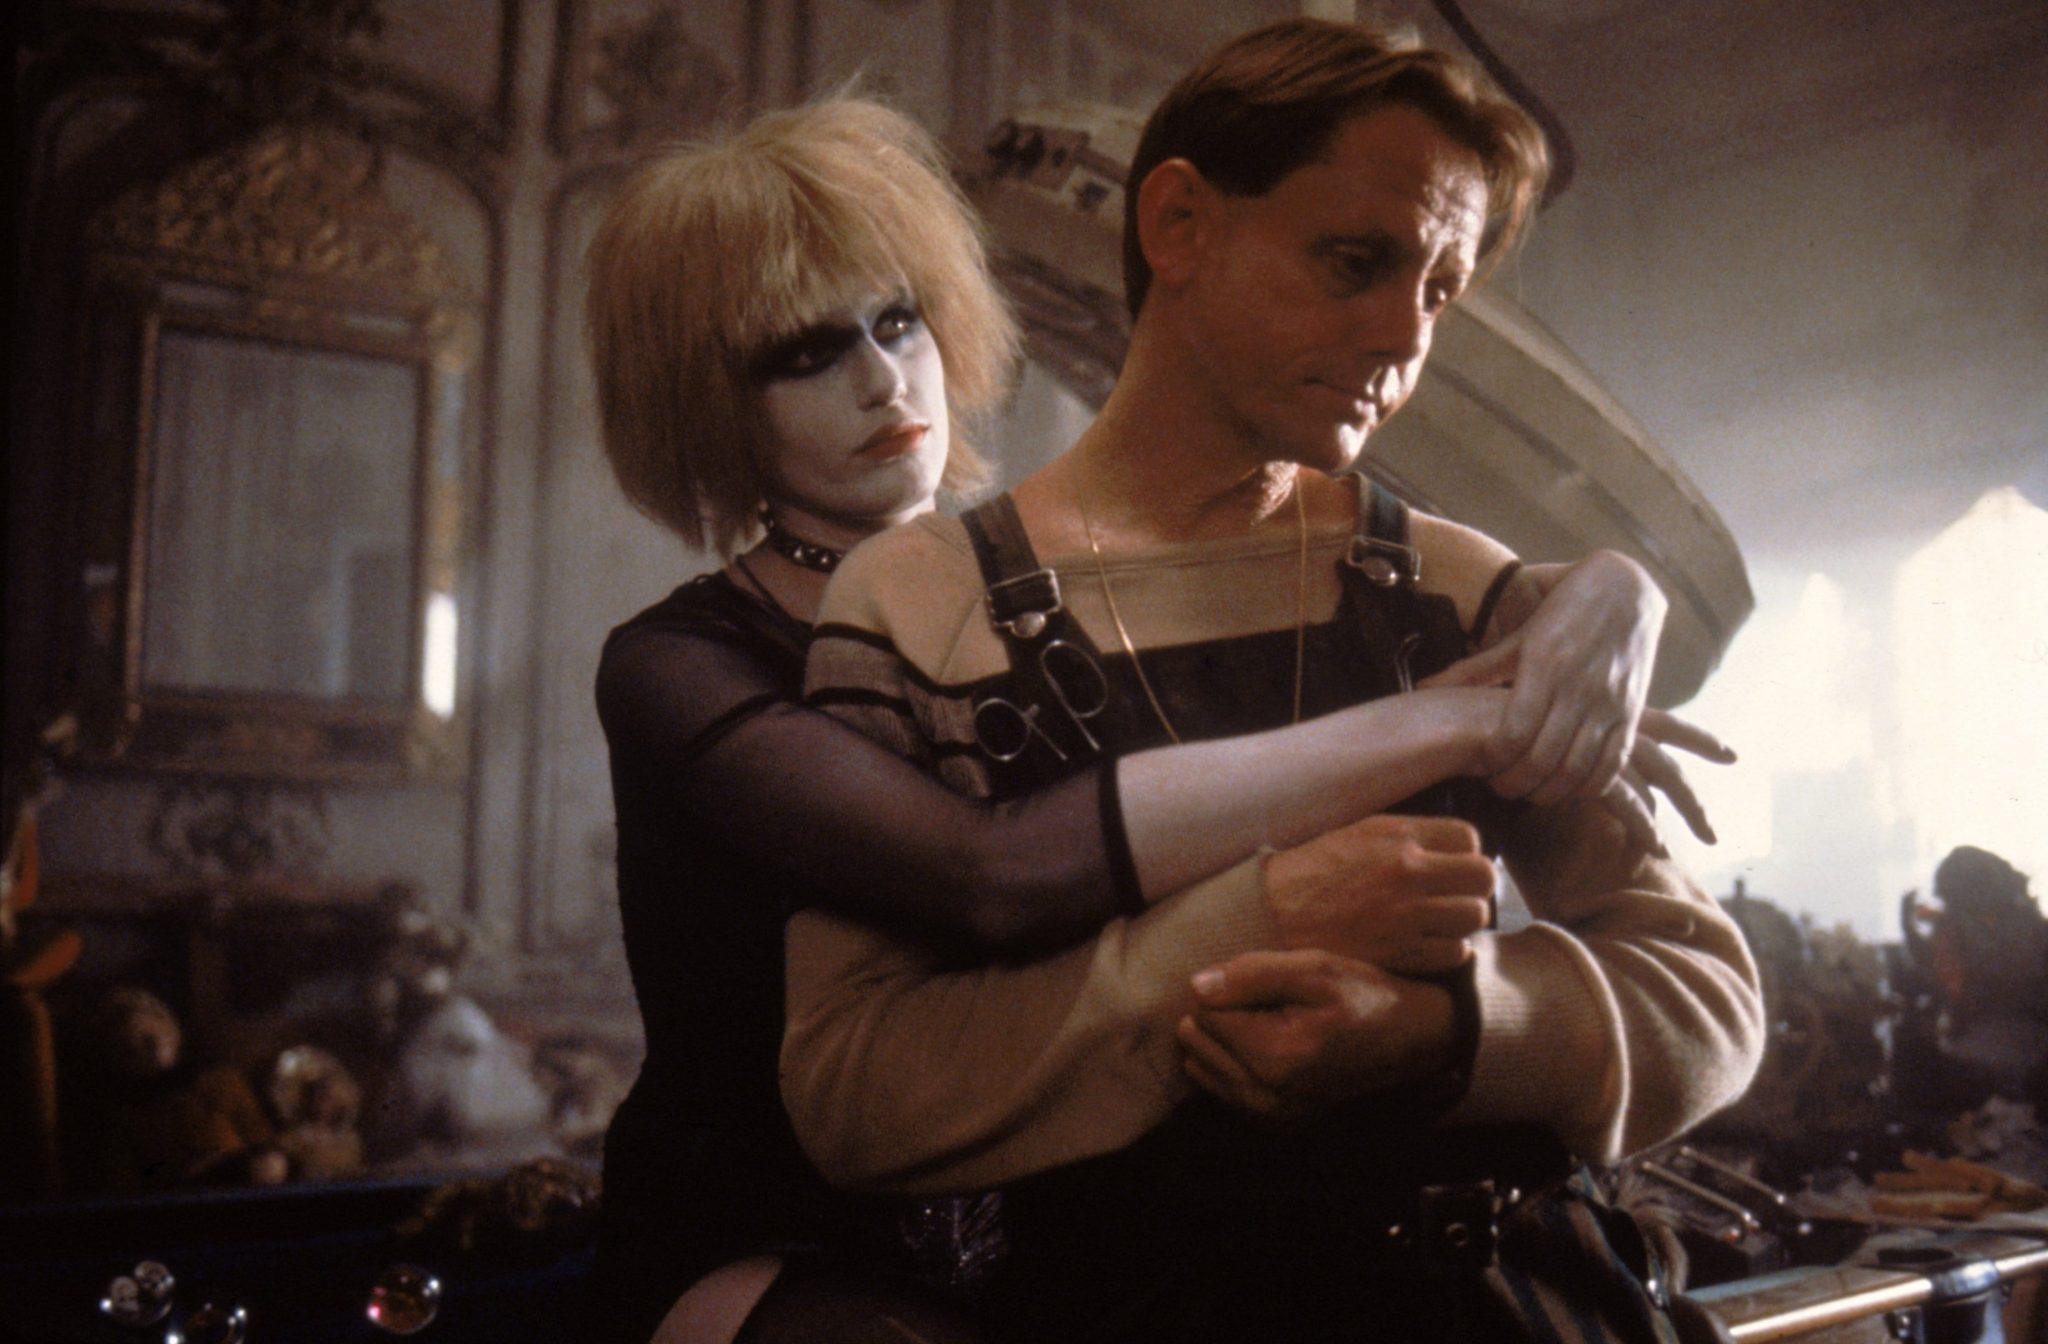 Blade Runner image 2